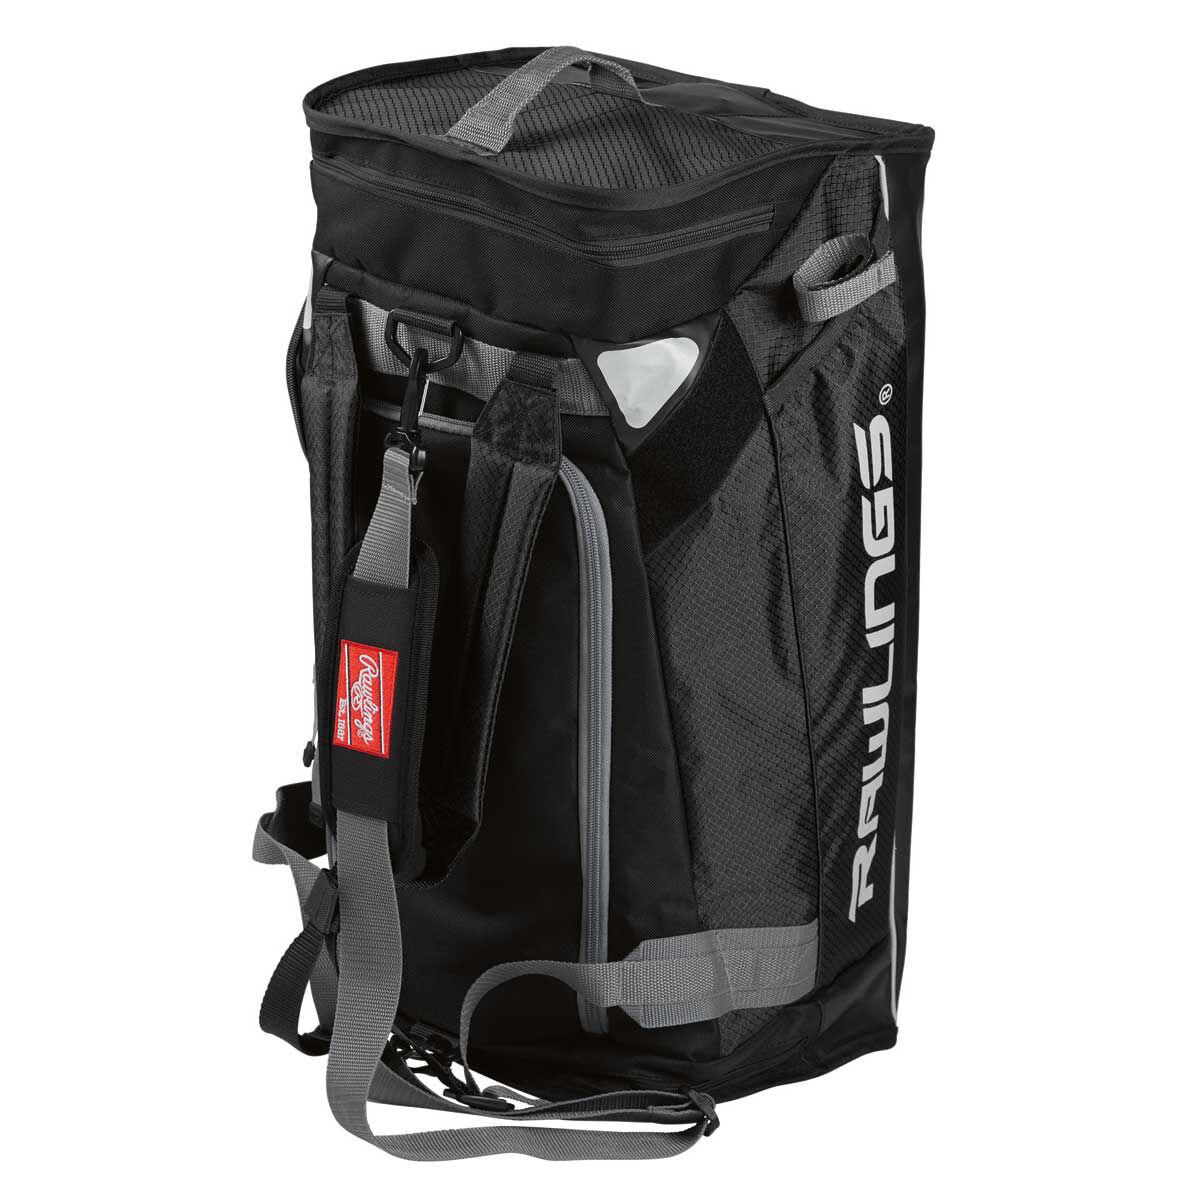 Rawlings Hybrid Backpack//Duffel Baseball Equipment Bag New